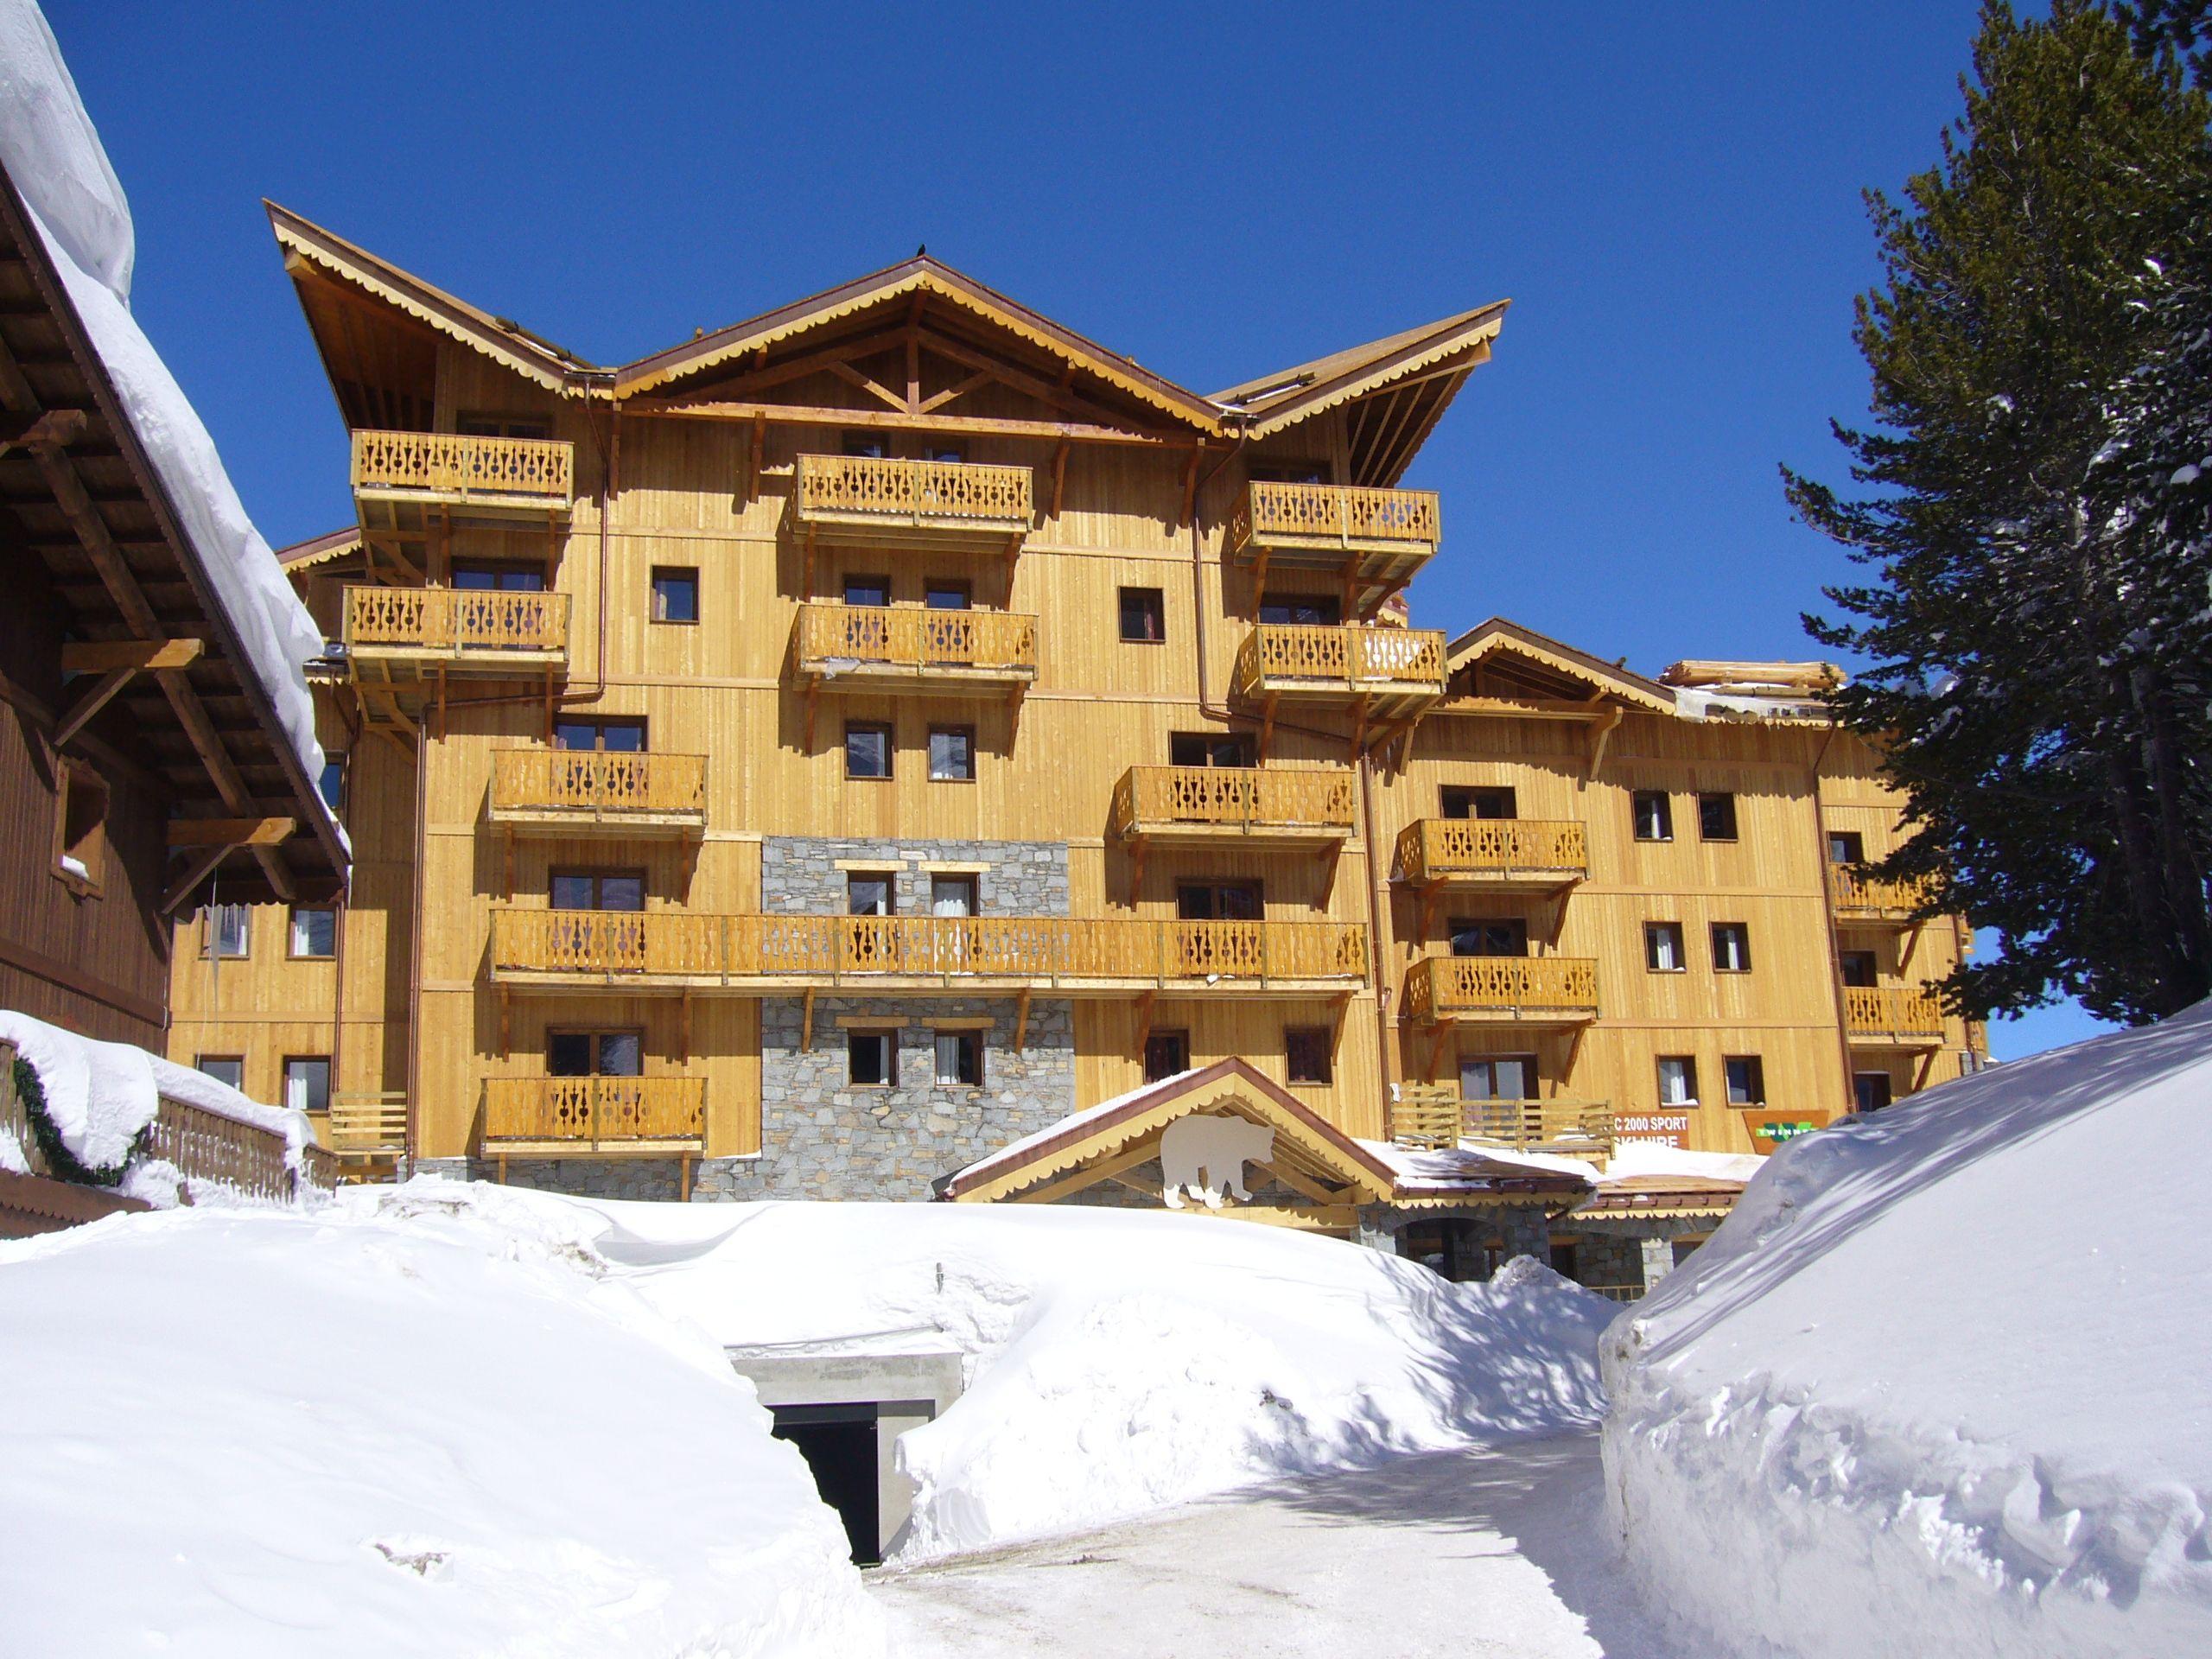 Chalet-appartement Altitude de l'Ours - 10-12 personen